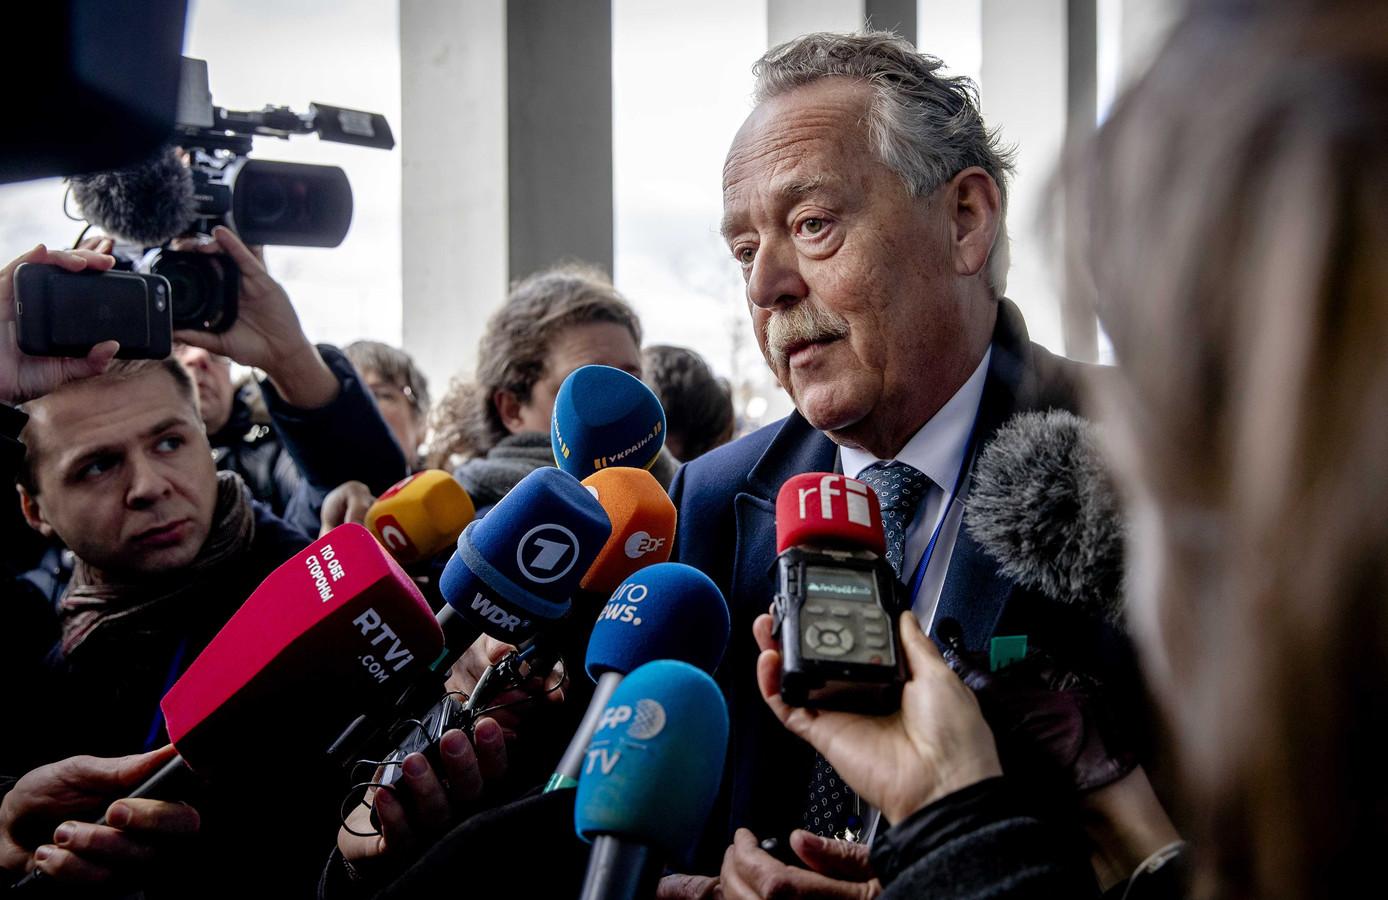 Piet Ploeg, nabestaande en voorzitter van Stichting Vliegramp MH17, staat de pers te woord tijdens een schorsing van het internationale MH17-proces